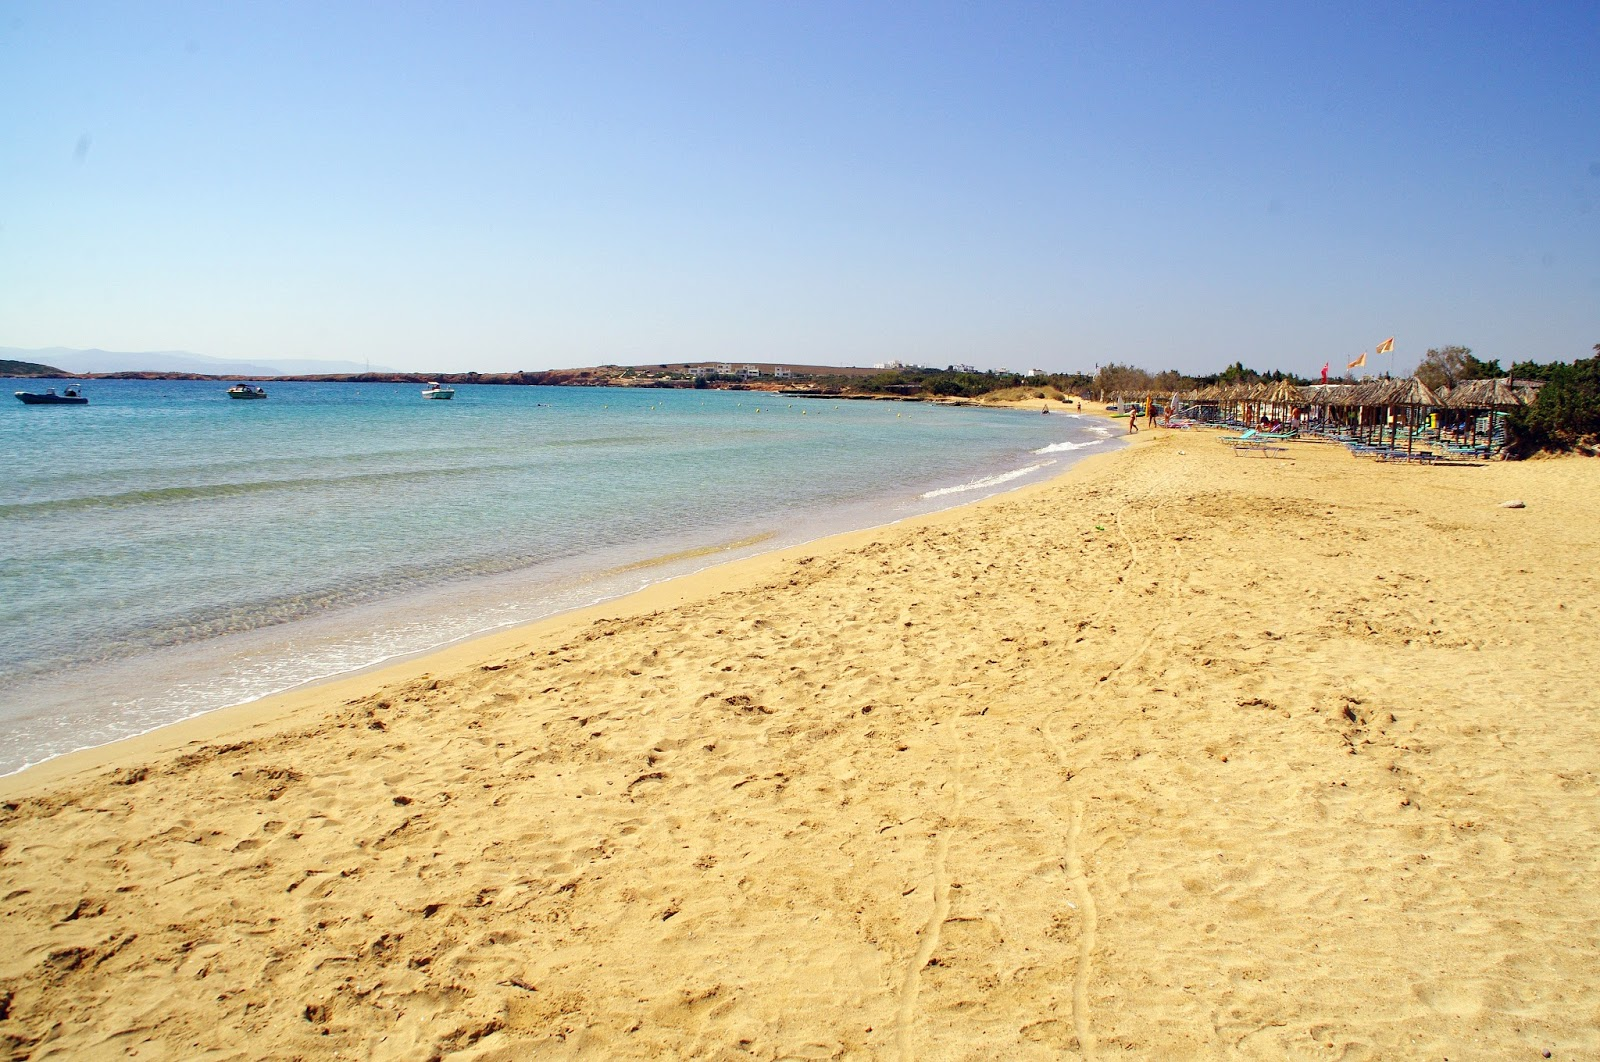 Paros beaches